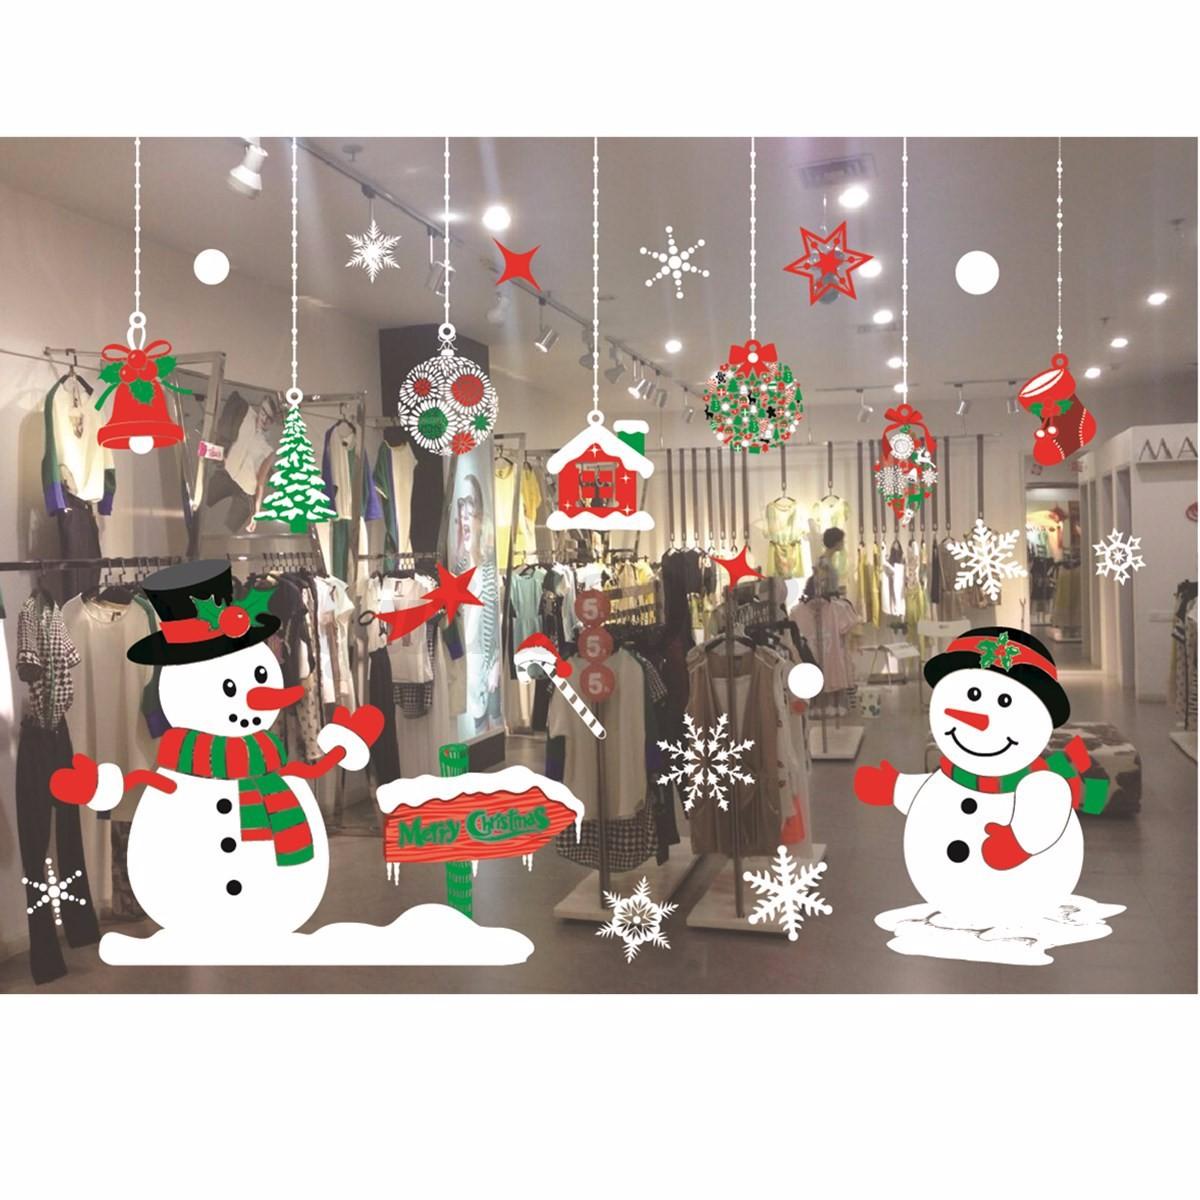 Weihnachten Wandaufkleber Weihnachtsmann Aufkleber Wandtattoo Wand Fenster Deko